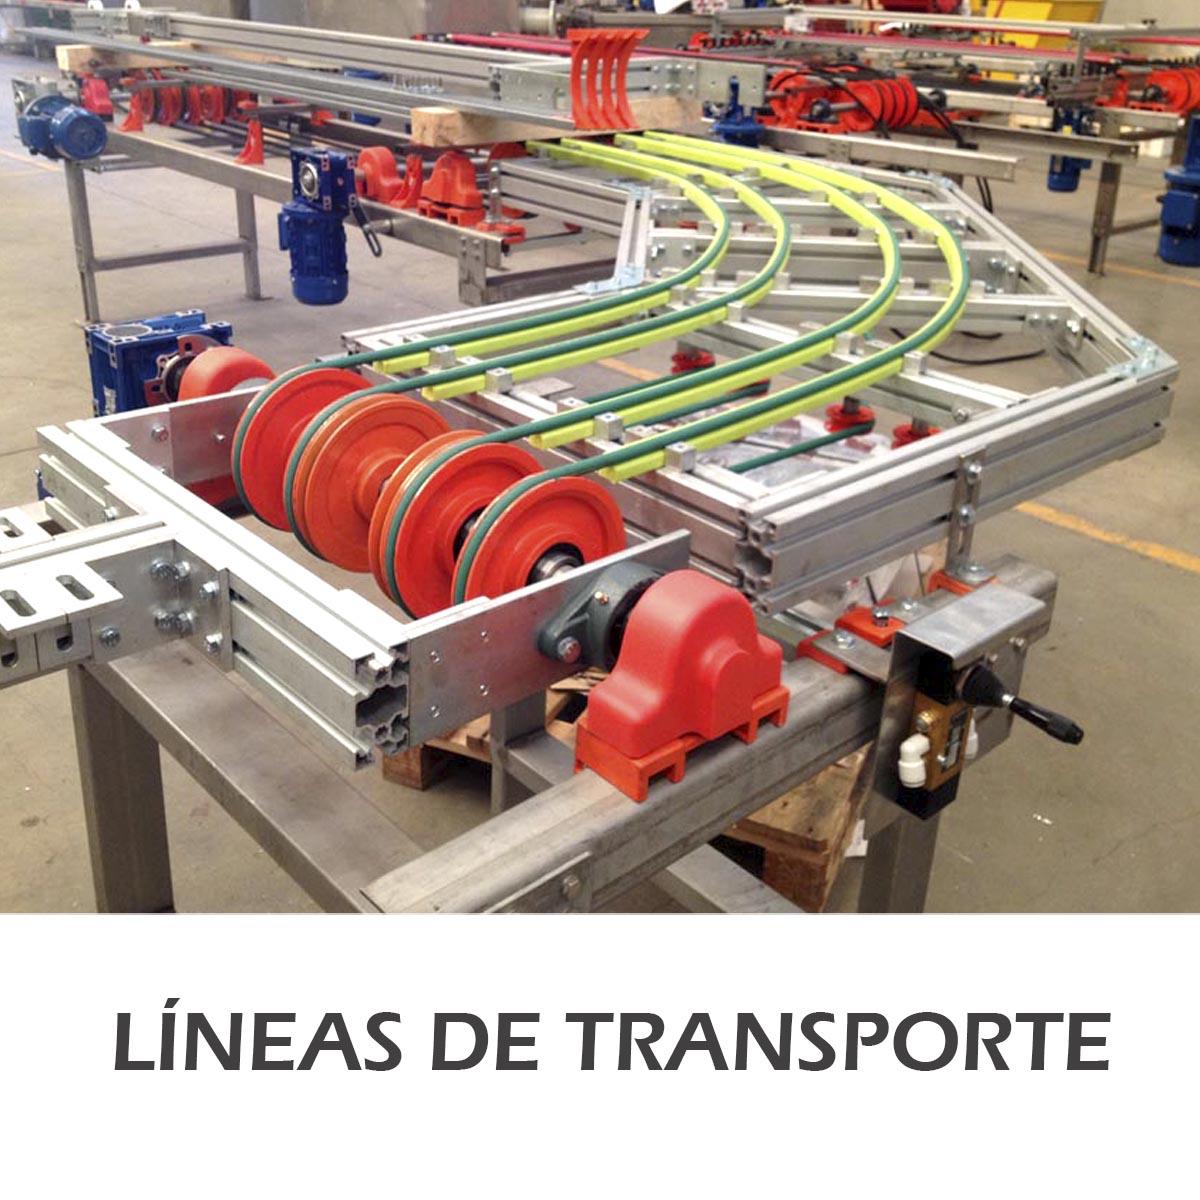 boton-linea-transporte-industria-SEM